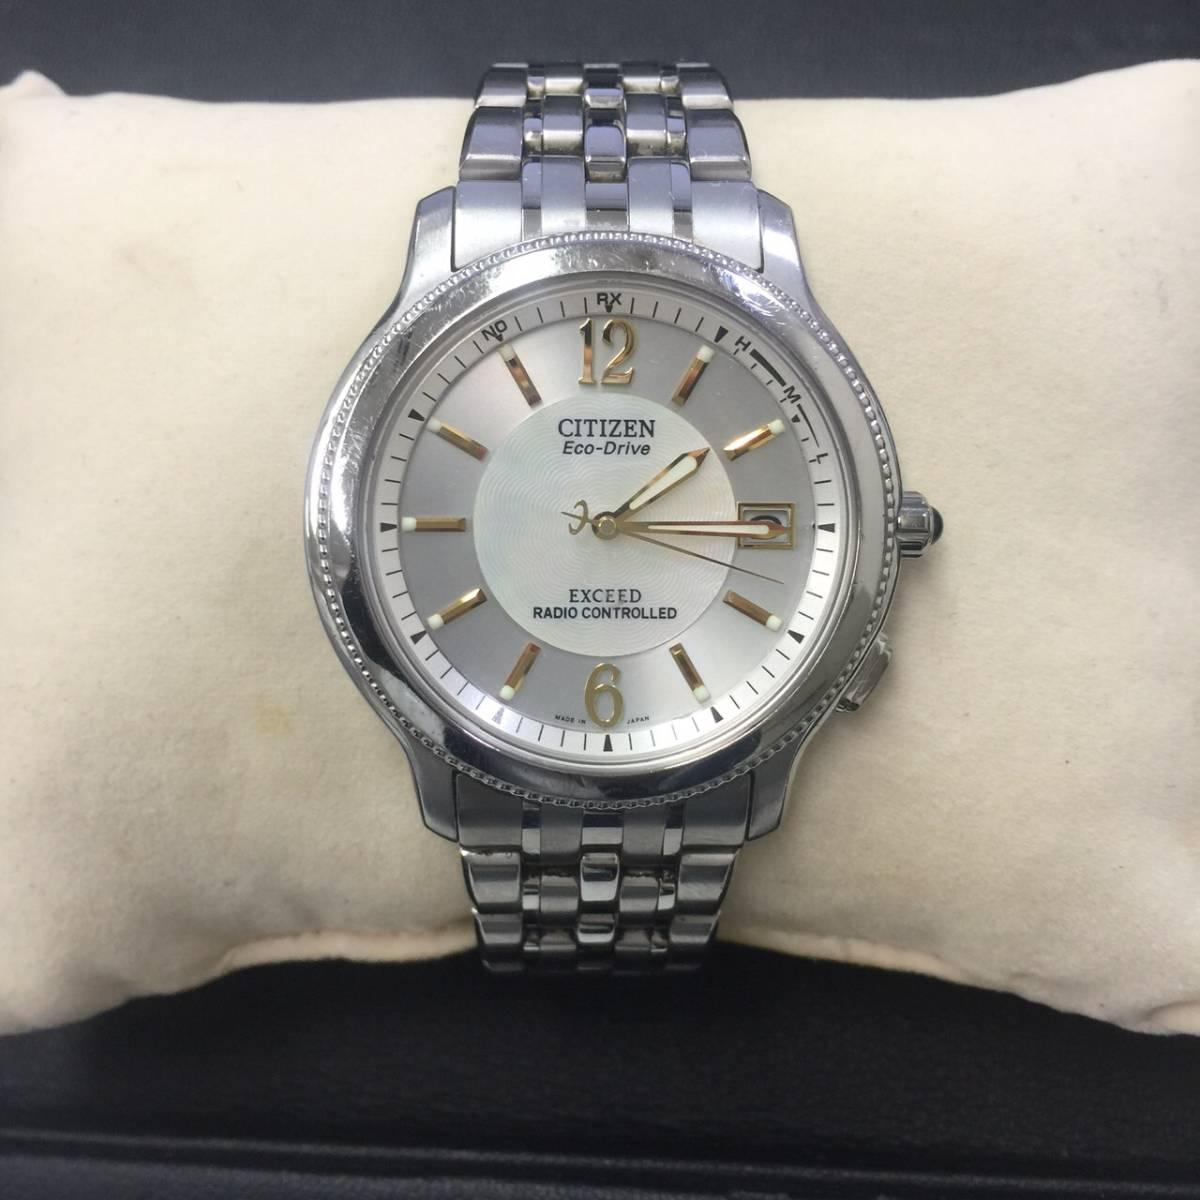 【CITIZEN】シチズン エコドライブ エクシード ソーラー電波 メンズ腕時計_画像3